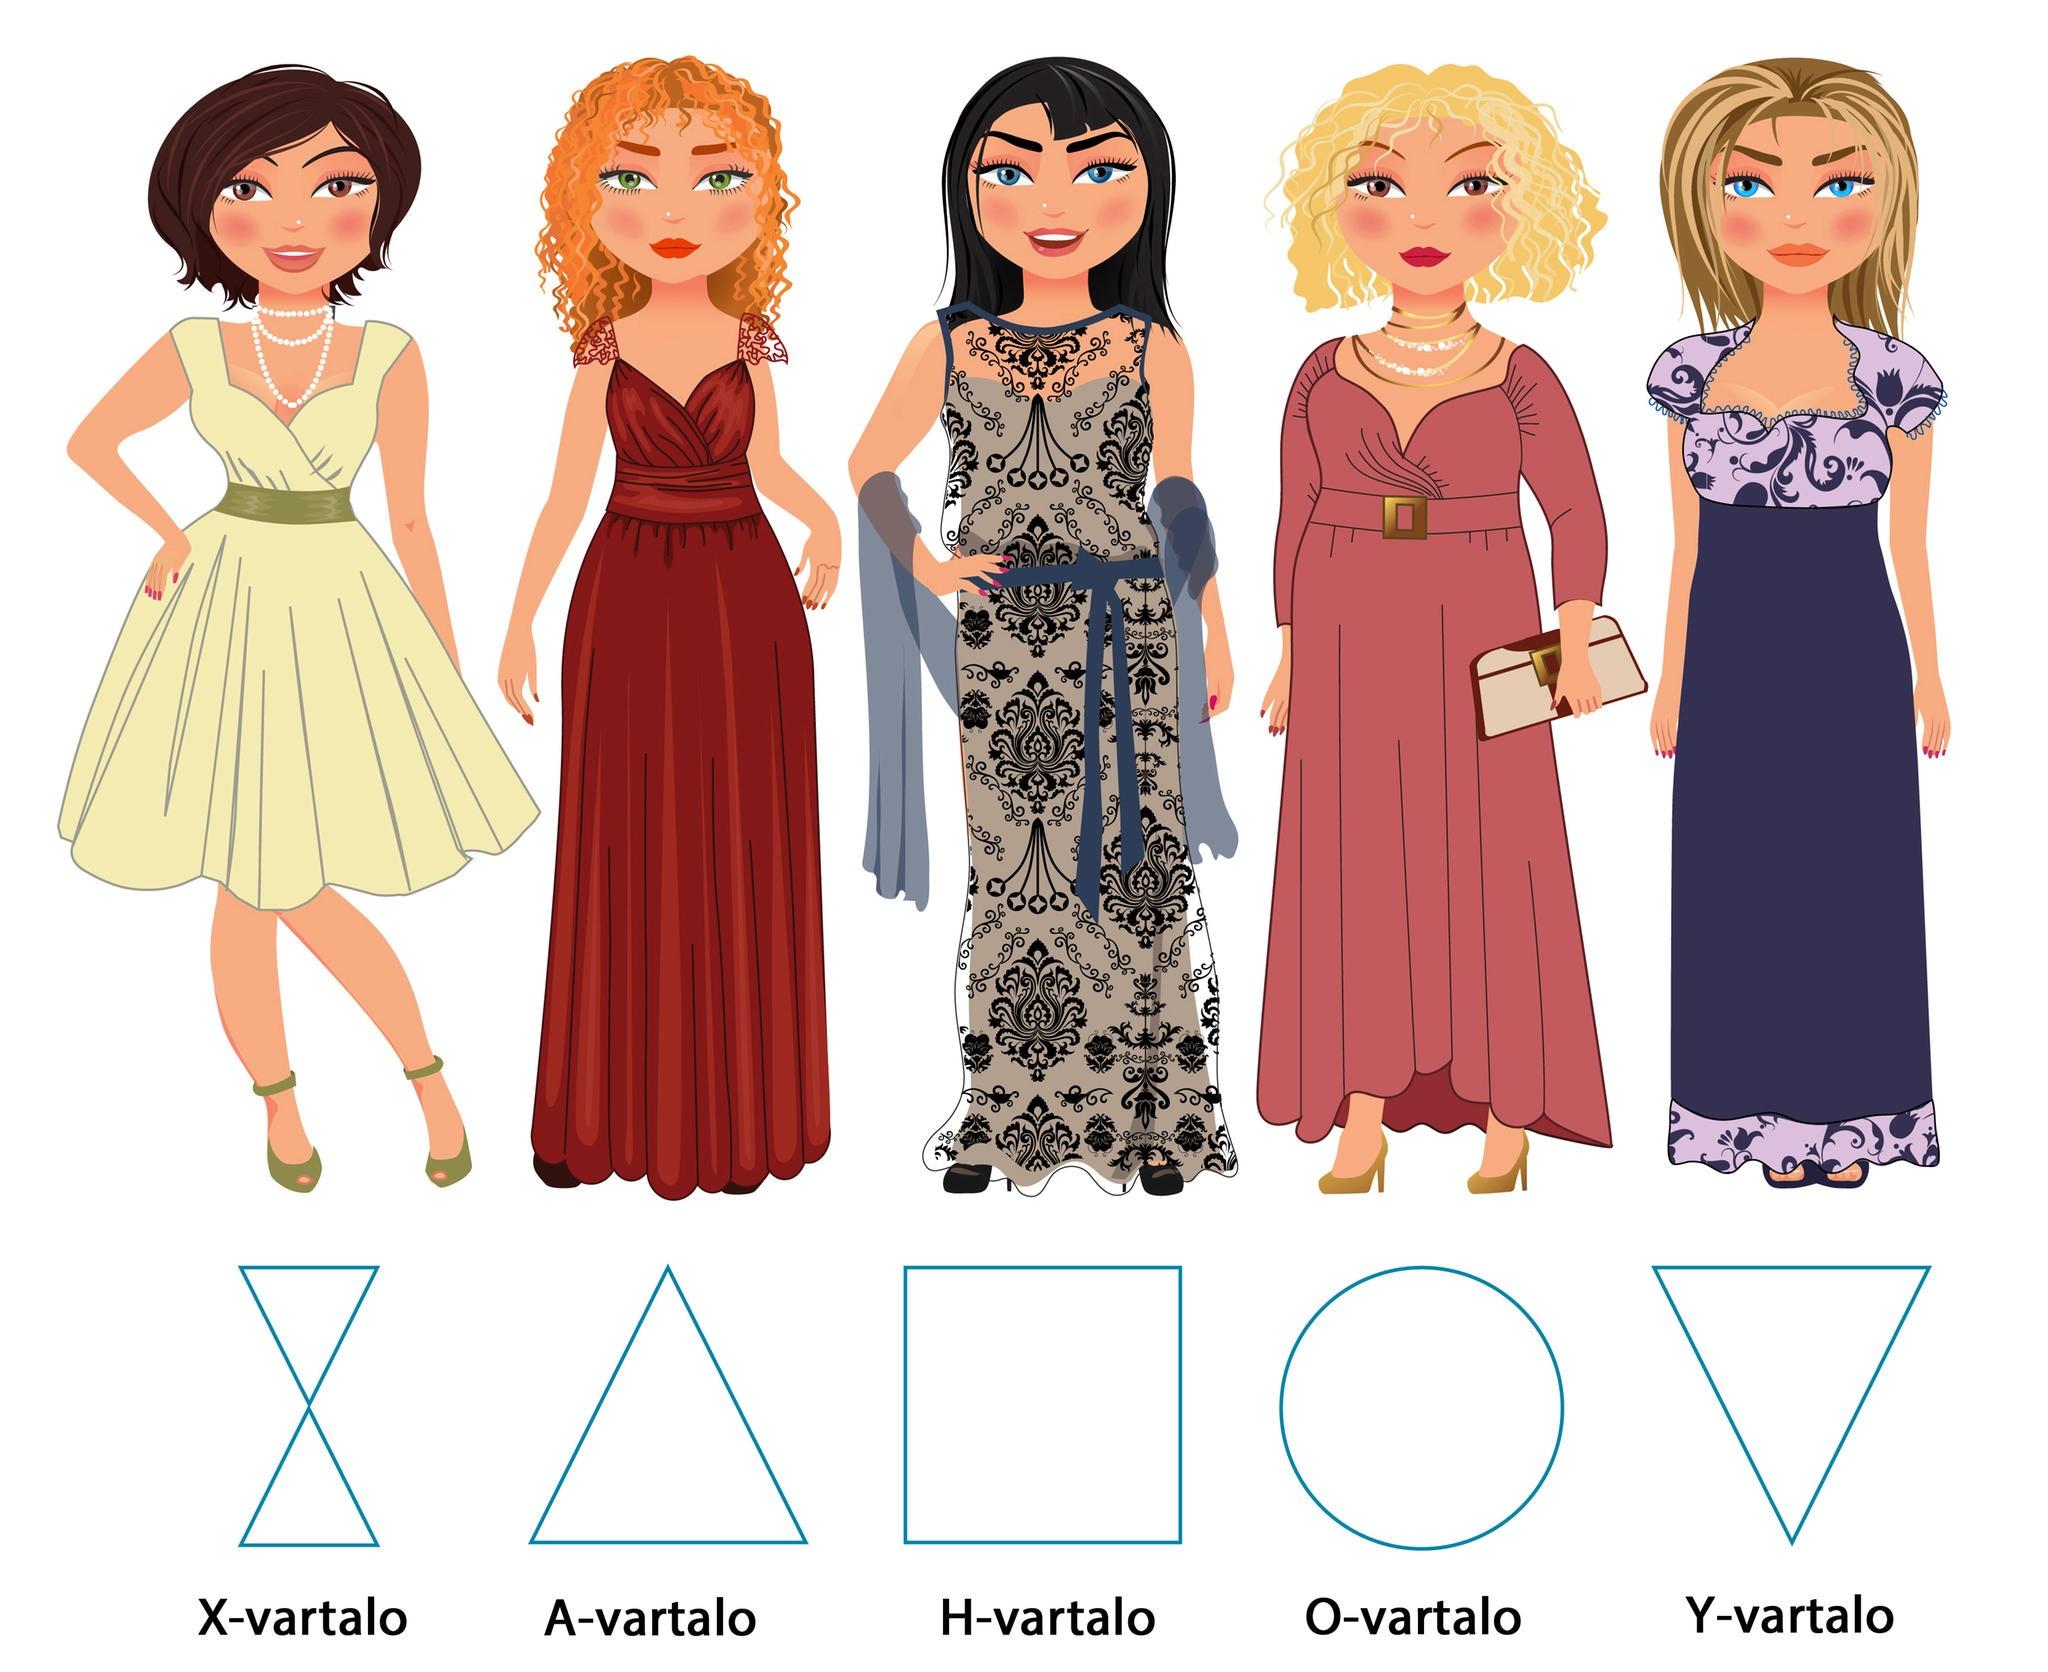 Esimerkkejä mekkomalleista, jotka sopivat eri vartalomalleille.